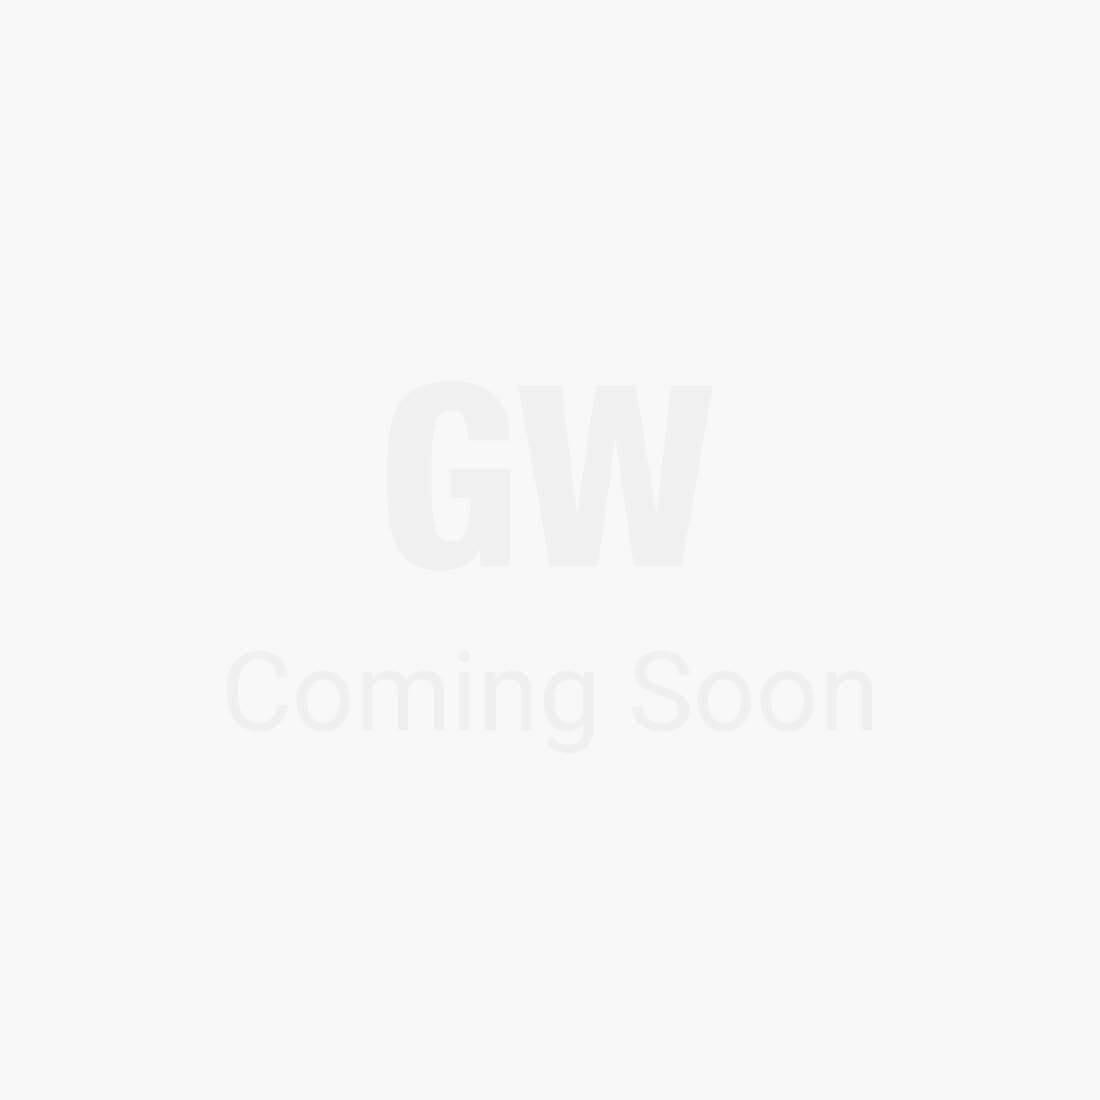 Pleasing Baha Sofa Lounge Chair Globewest Frankydiablos Diy Chair Ideas Frankydiabloscom